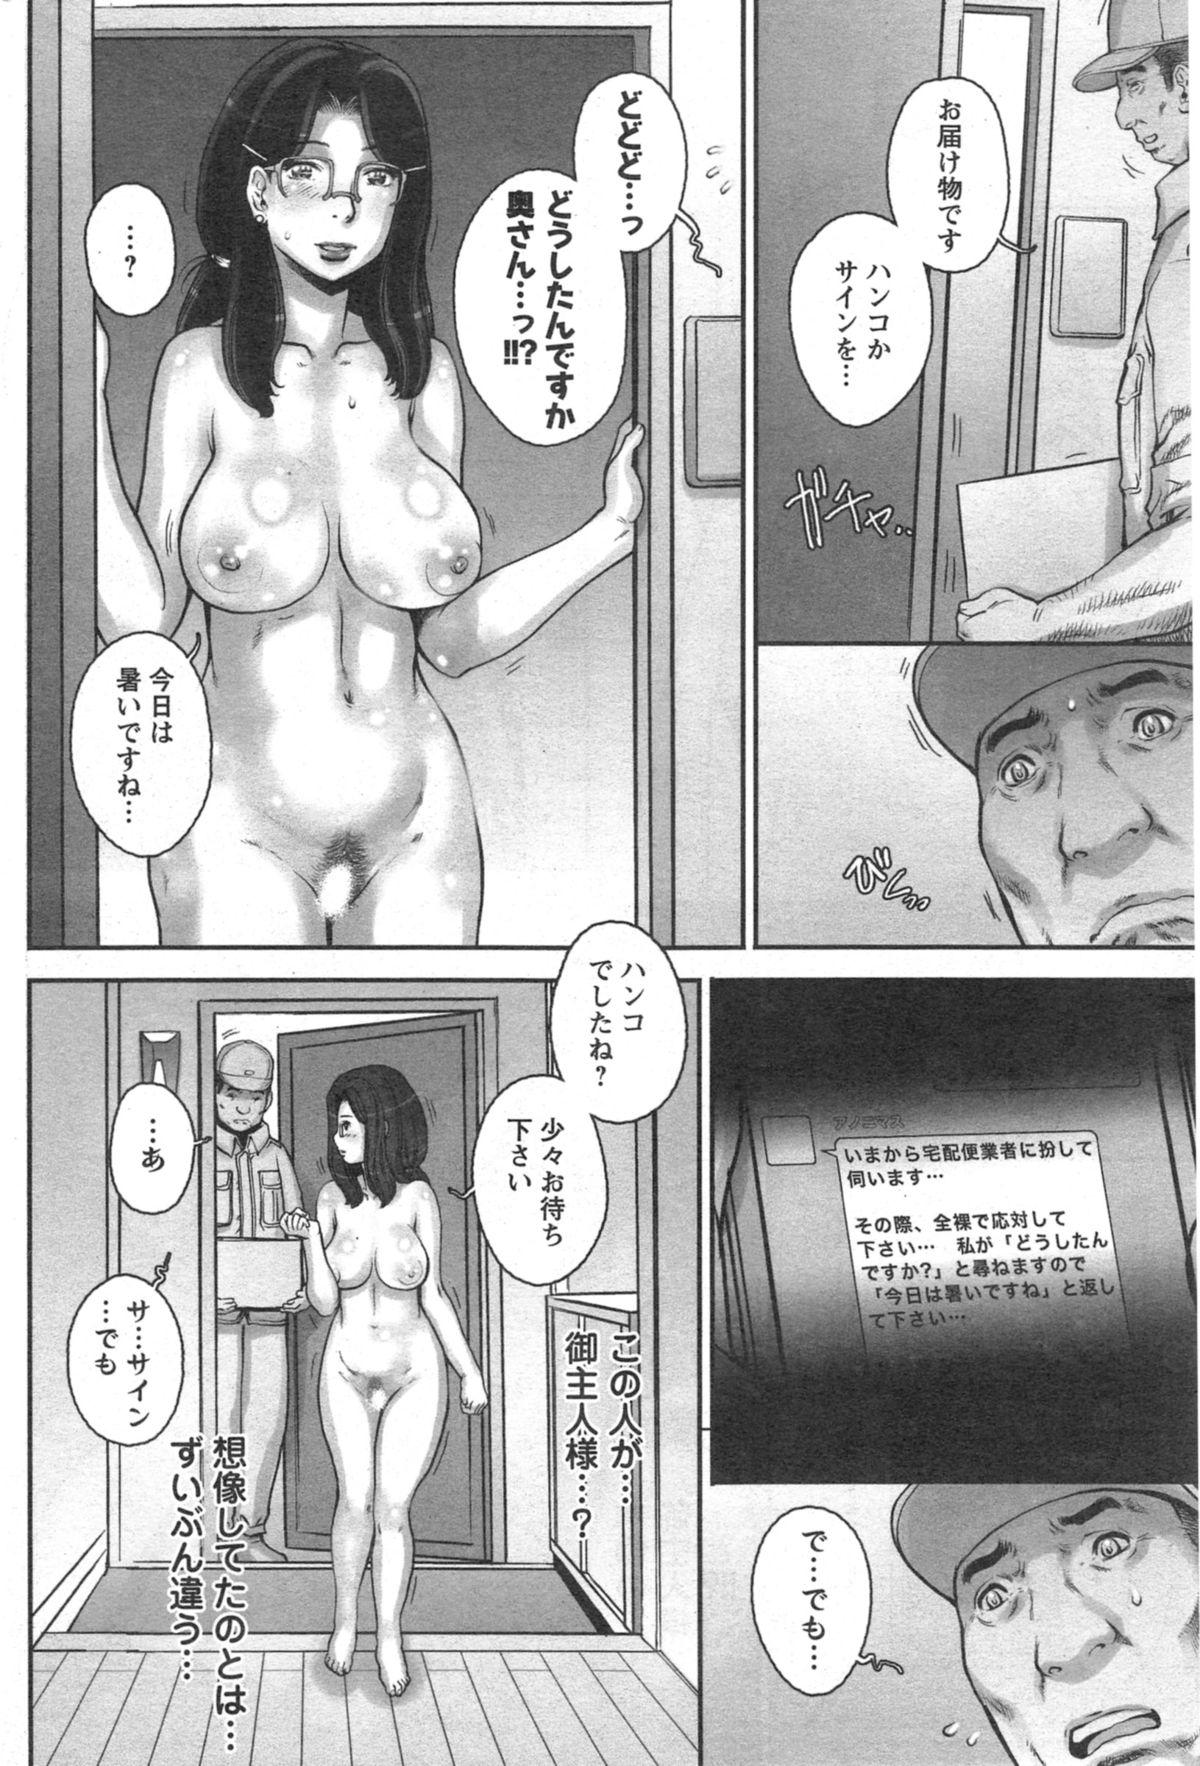 Ōse no mama ni Ch.3 5